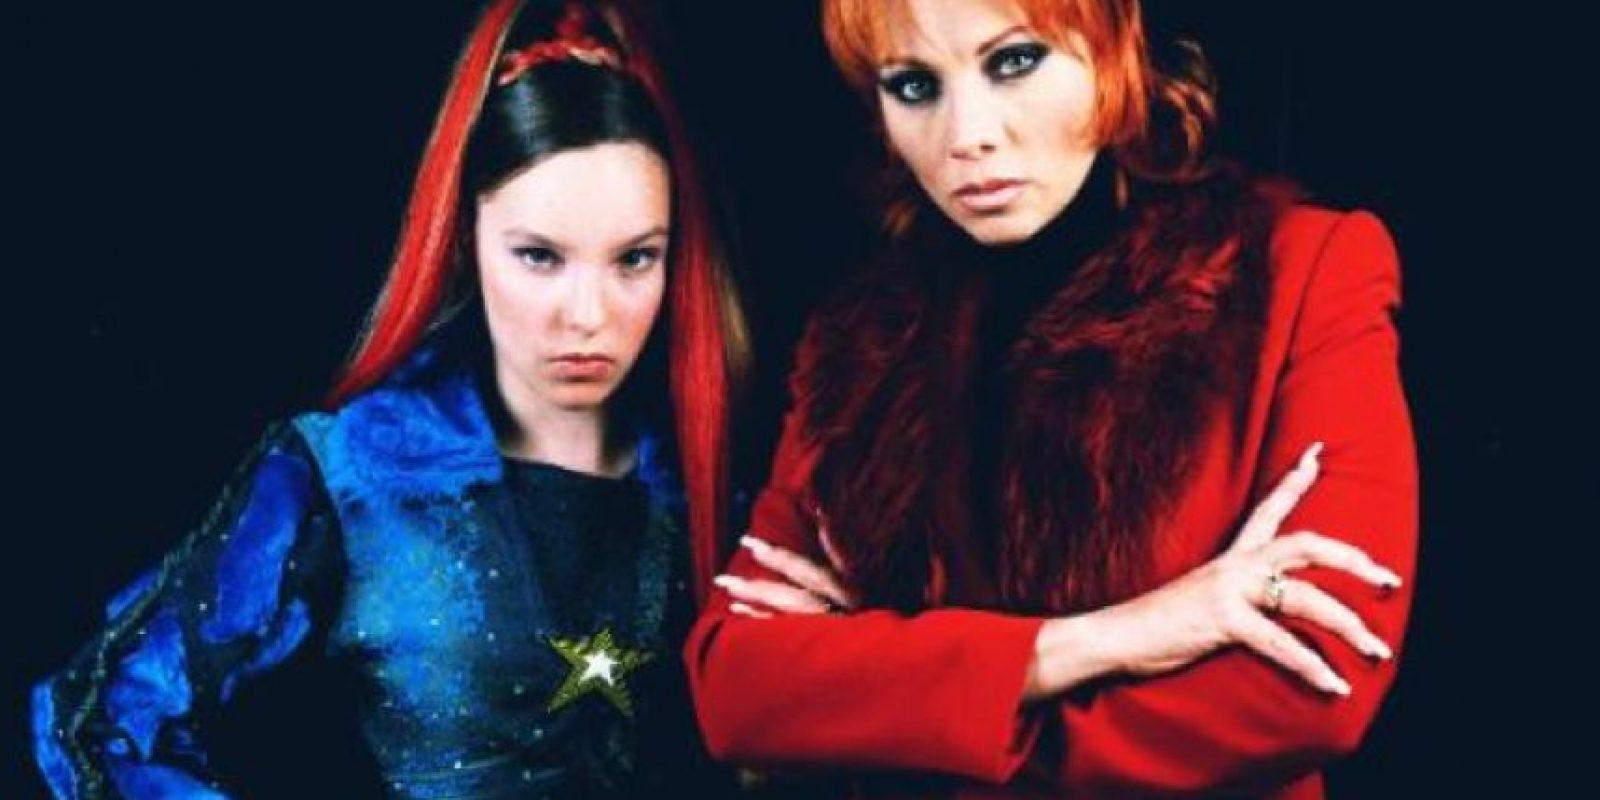 Todo iba bien con Belinda, que realmente era muy buena en su papel a pesar de sus peinados espantosos. Foto:vía Televisa